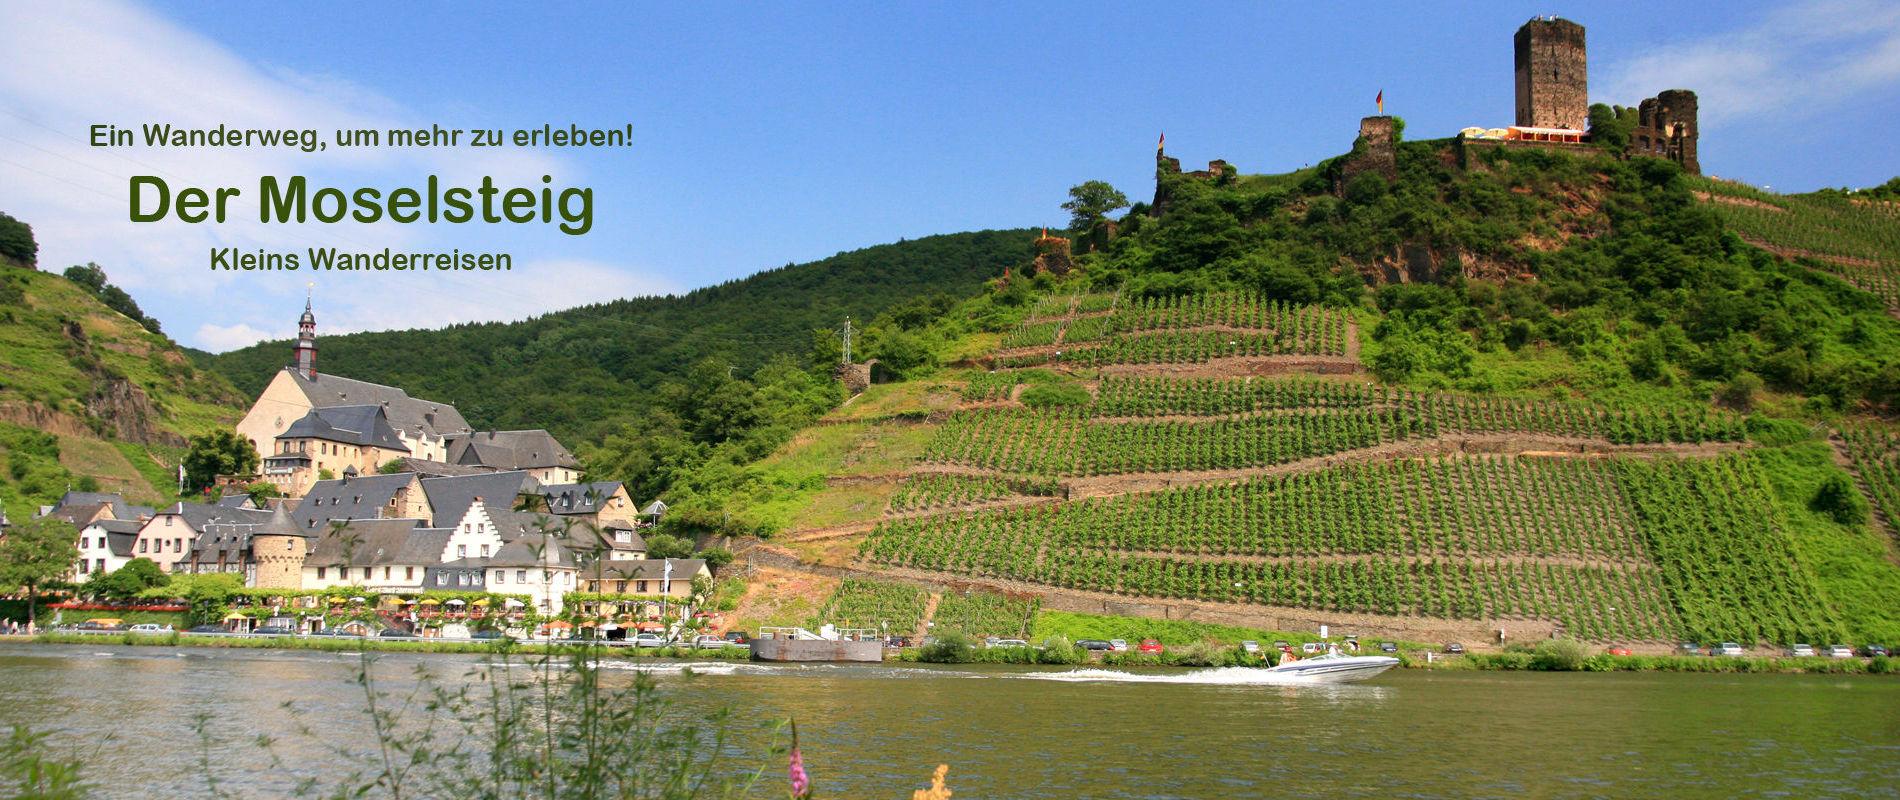 Moselsteig Beilstein mit Burg Metternich